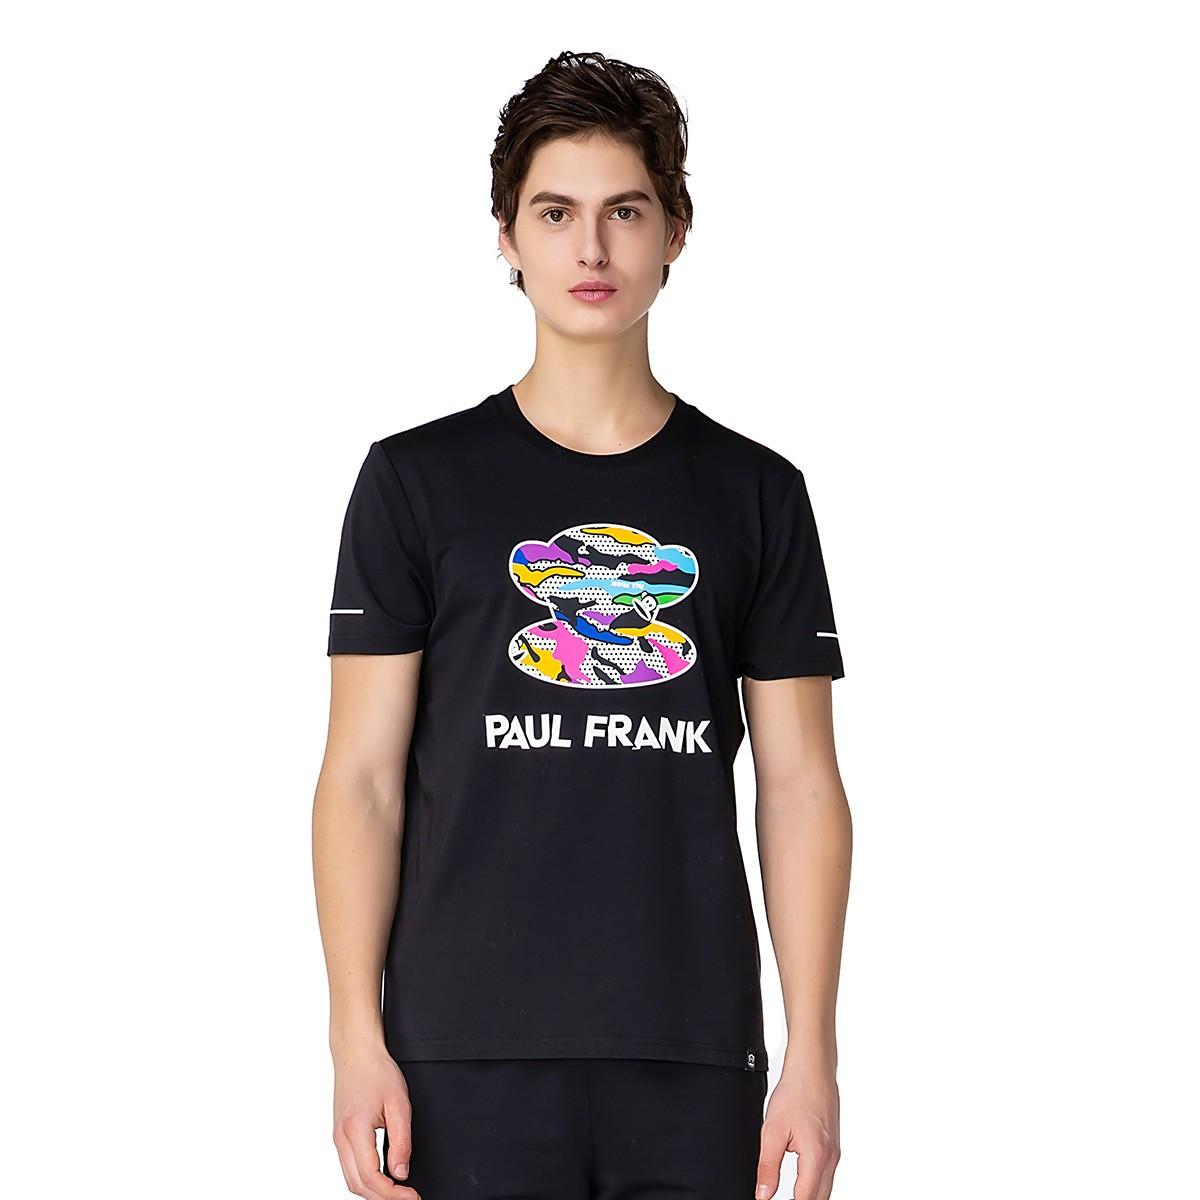 Paul Frank 大嘴猴 PFHTE202267M 男款运动T恤